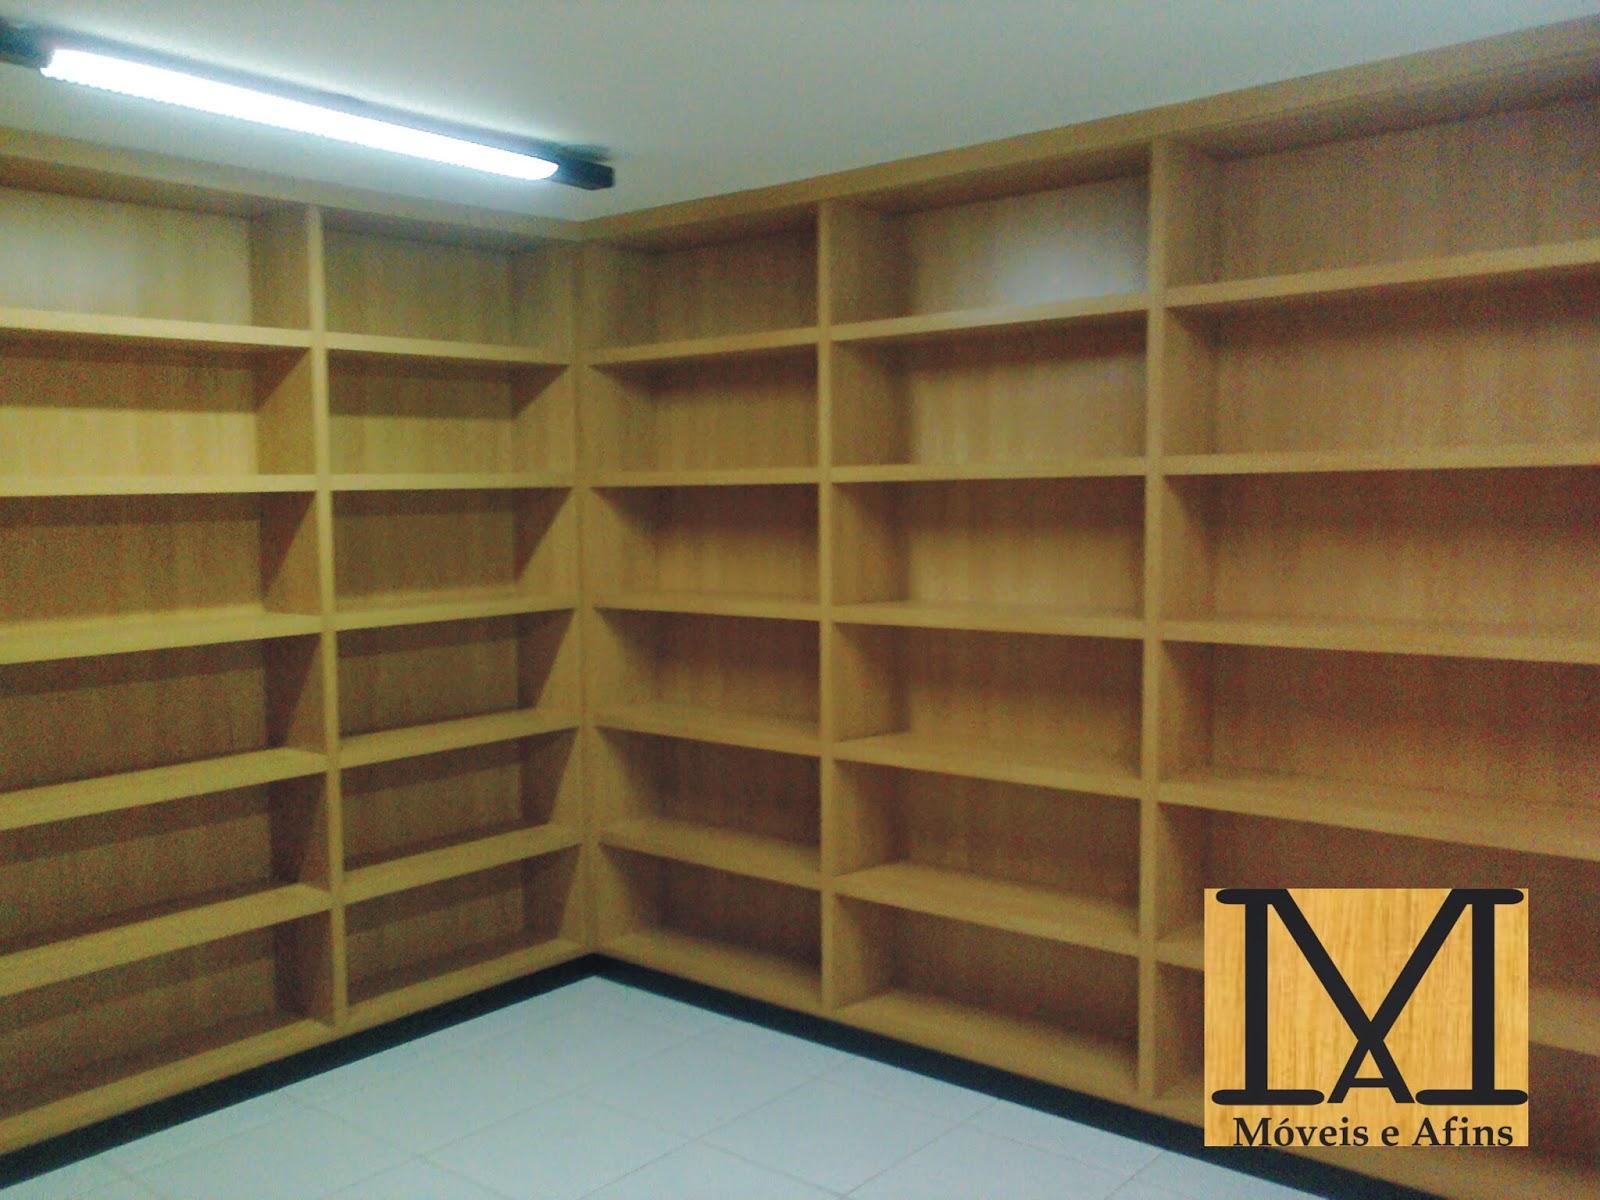 Móveis e Afins: Prateleiras para arquivos ou almoxarifado #B27C19 1600x1200